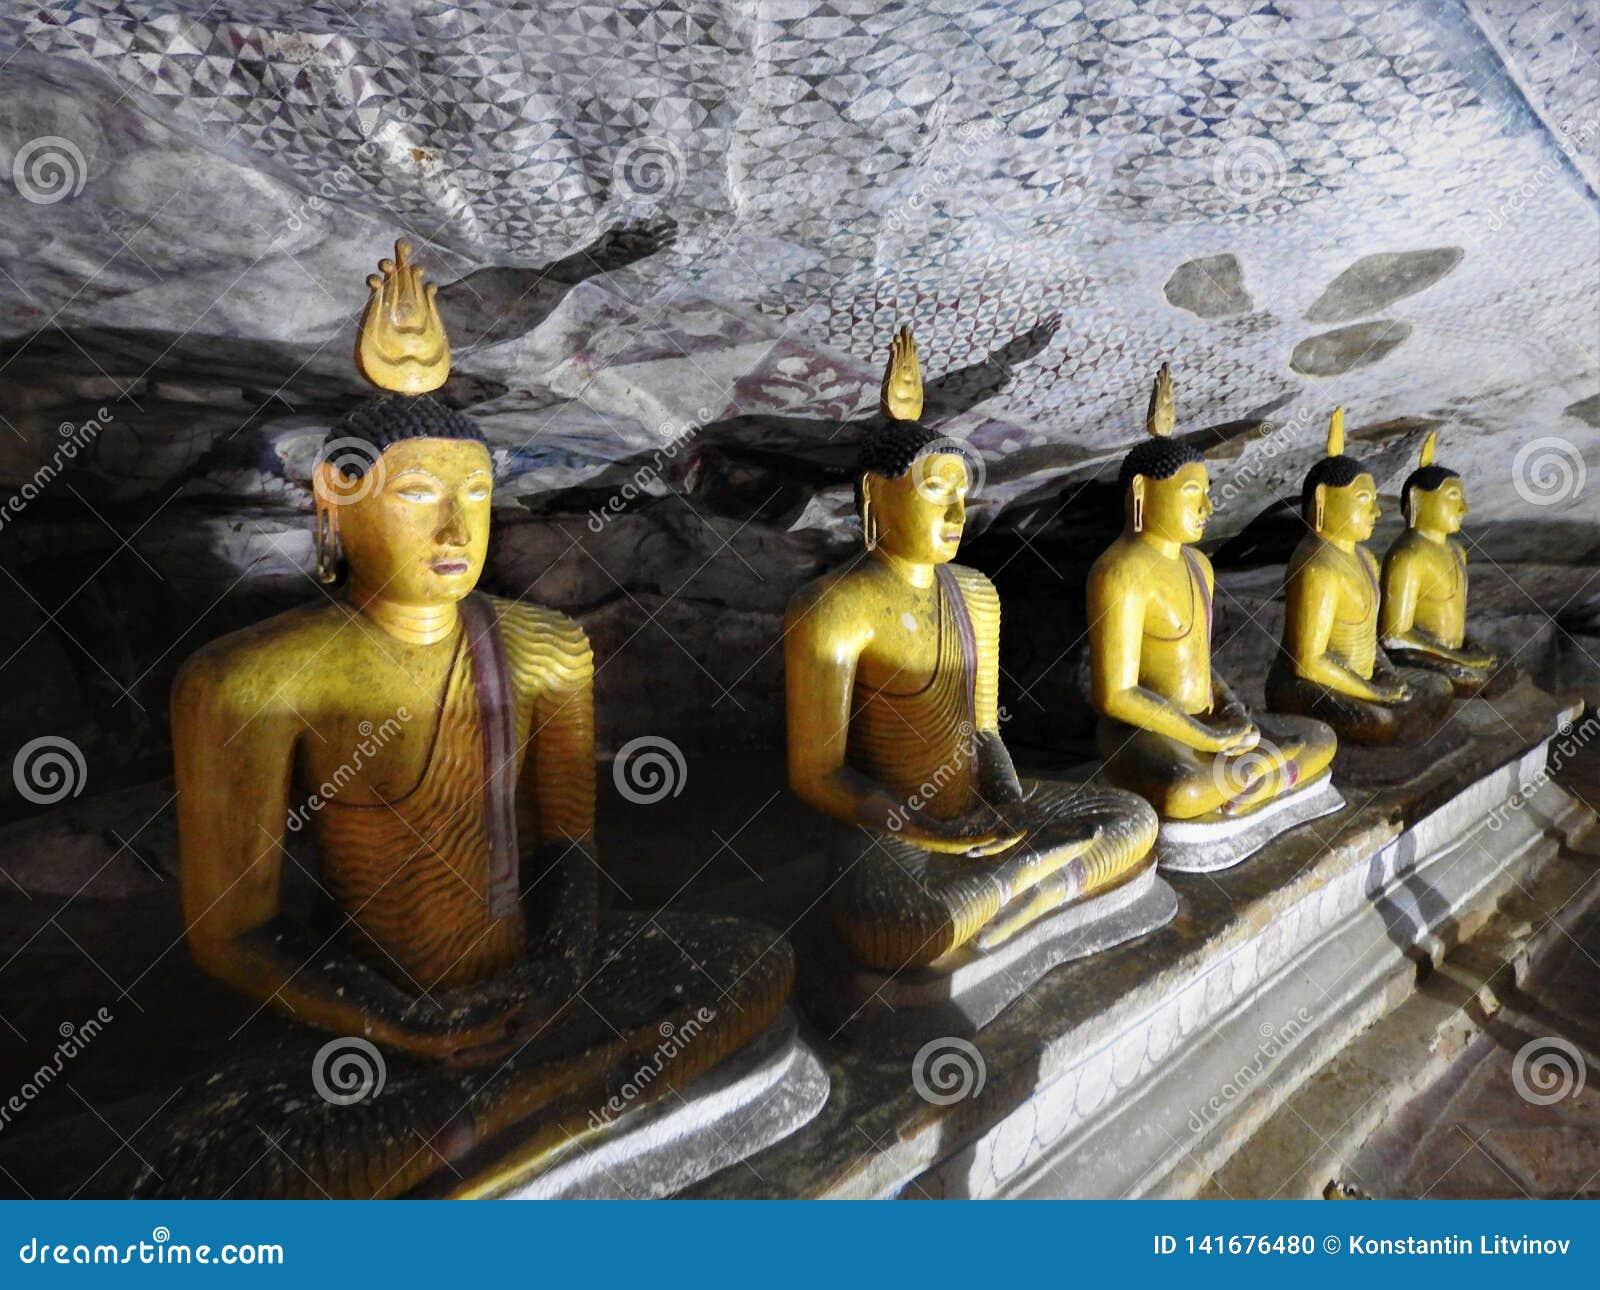 Золотой висок Dambulla место всемирного наследия и имеет итог итога 153 статуй Будды, 3 статуй шриланкийск